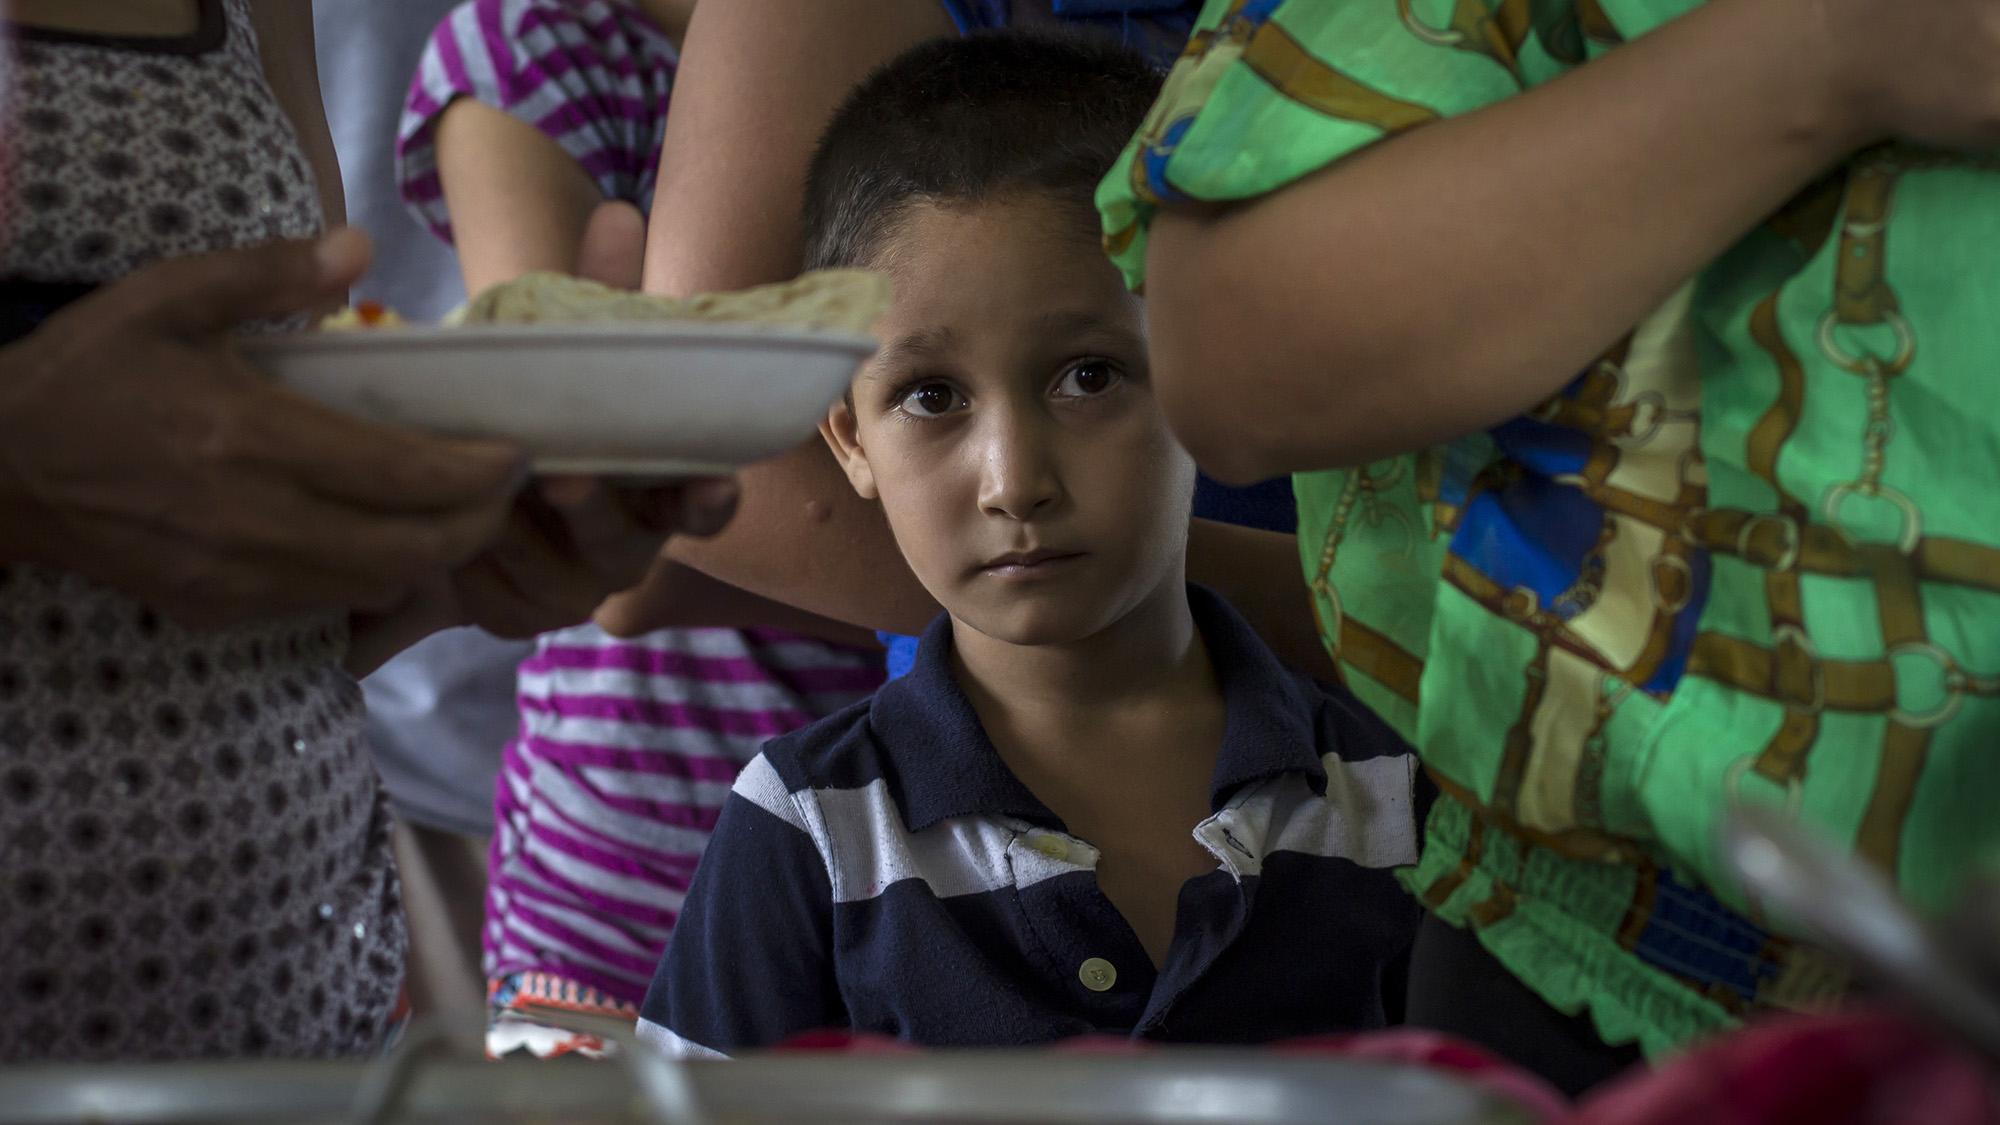 Los niños de El Salvador no pueden escapar del miedo